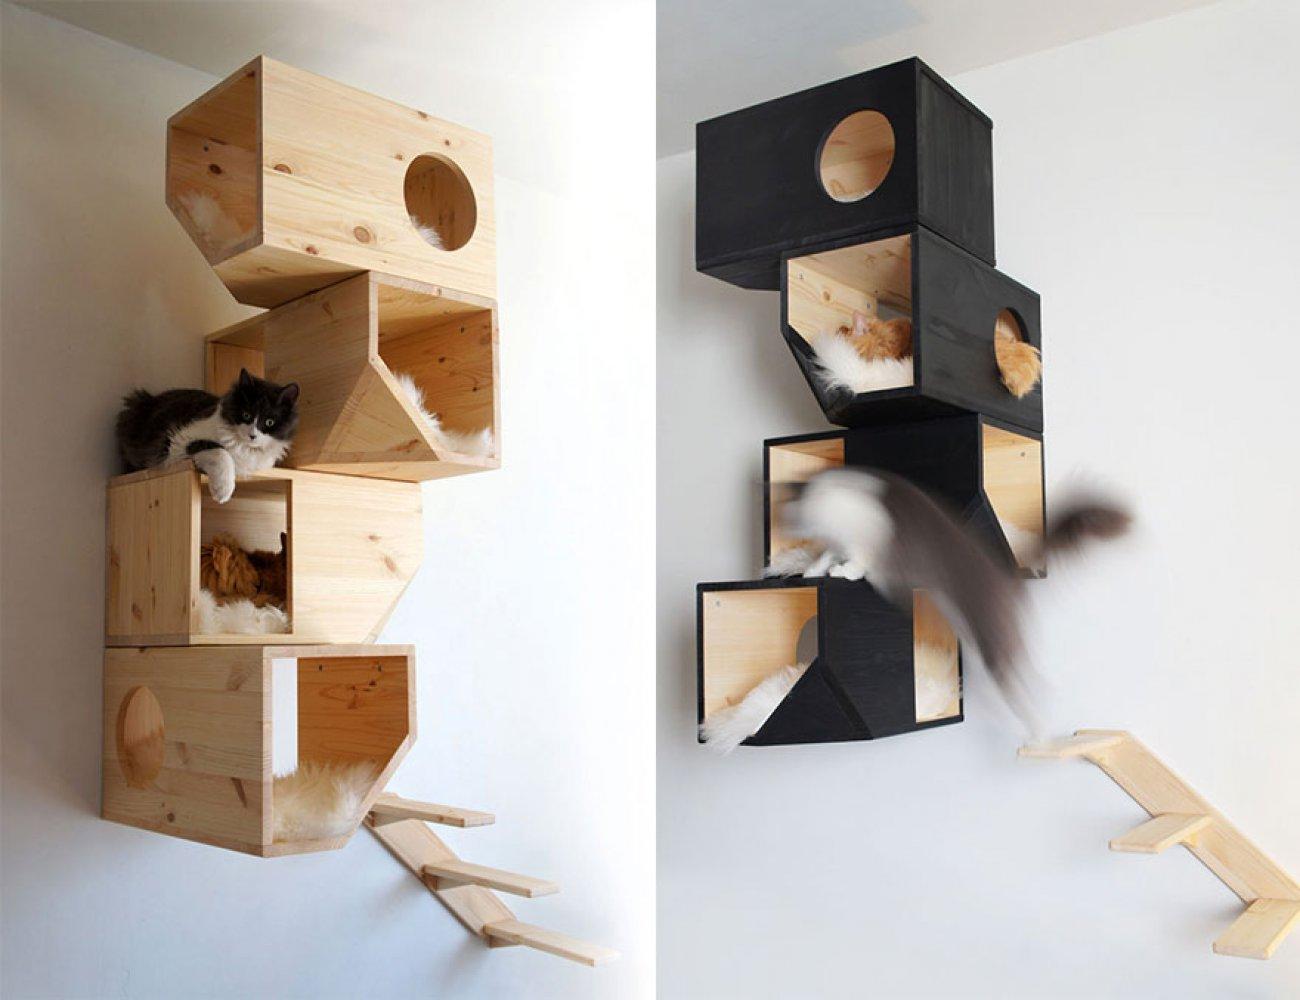 Квартирные идеи для кошек фото 3